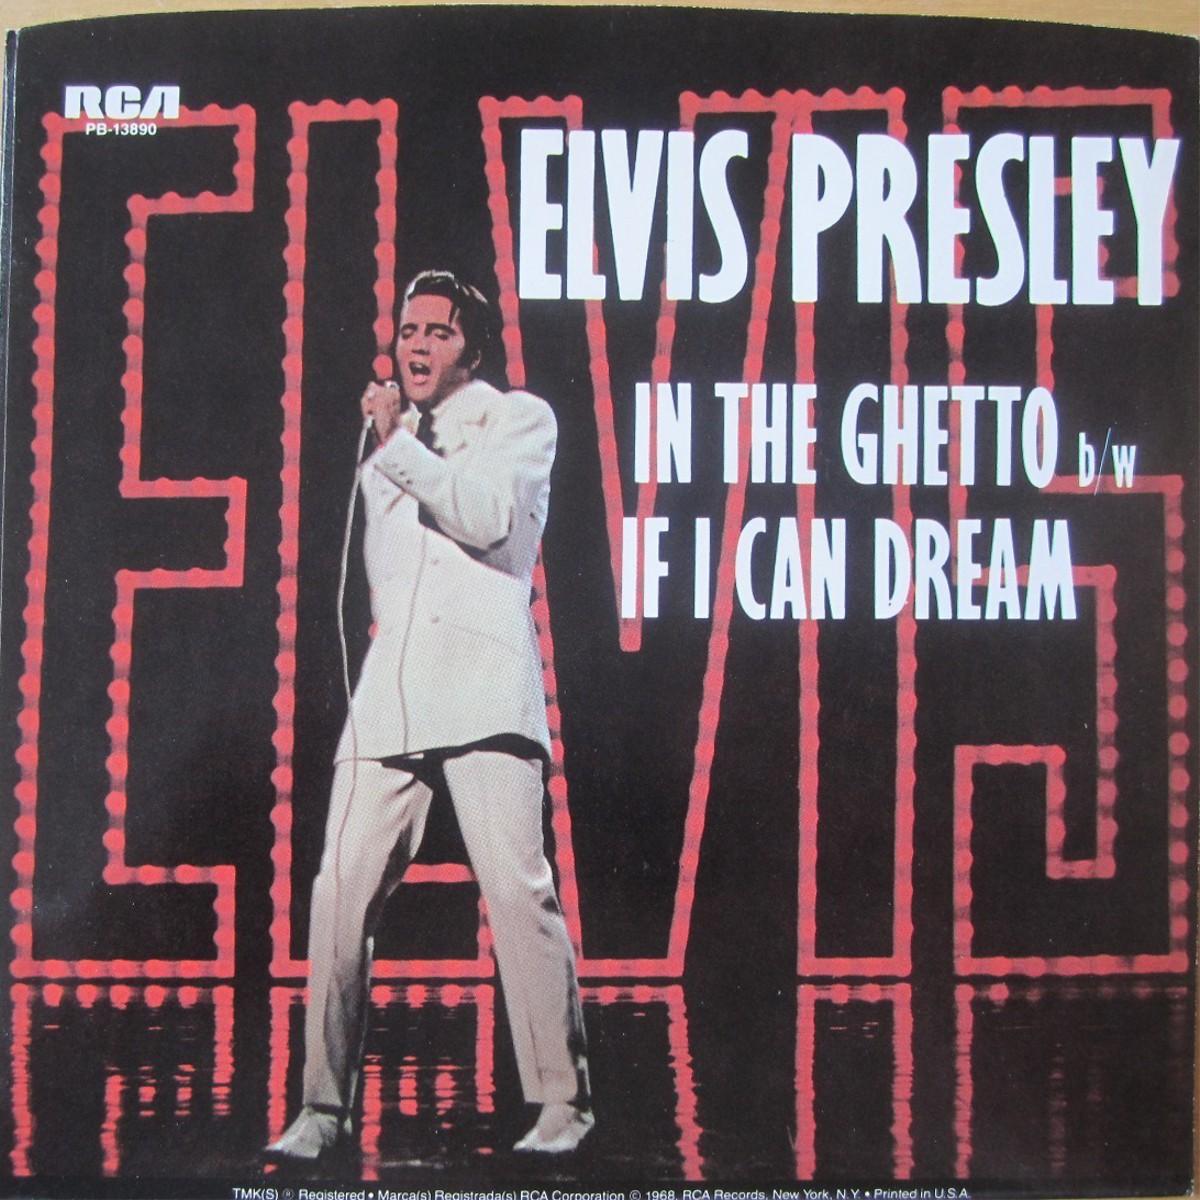 In The Ghetto / If I Can Dream Pb-13890aglu25